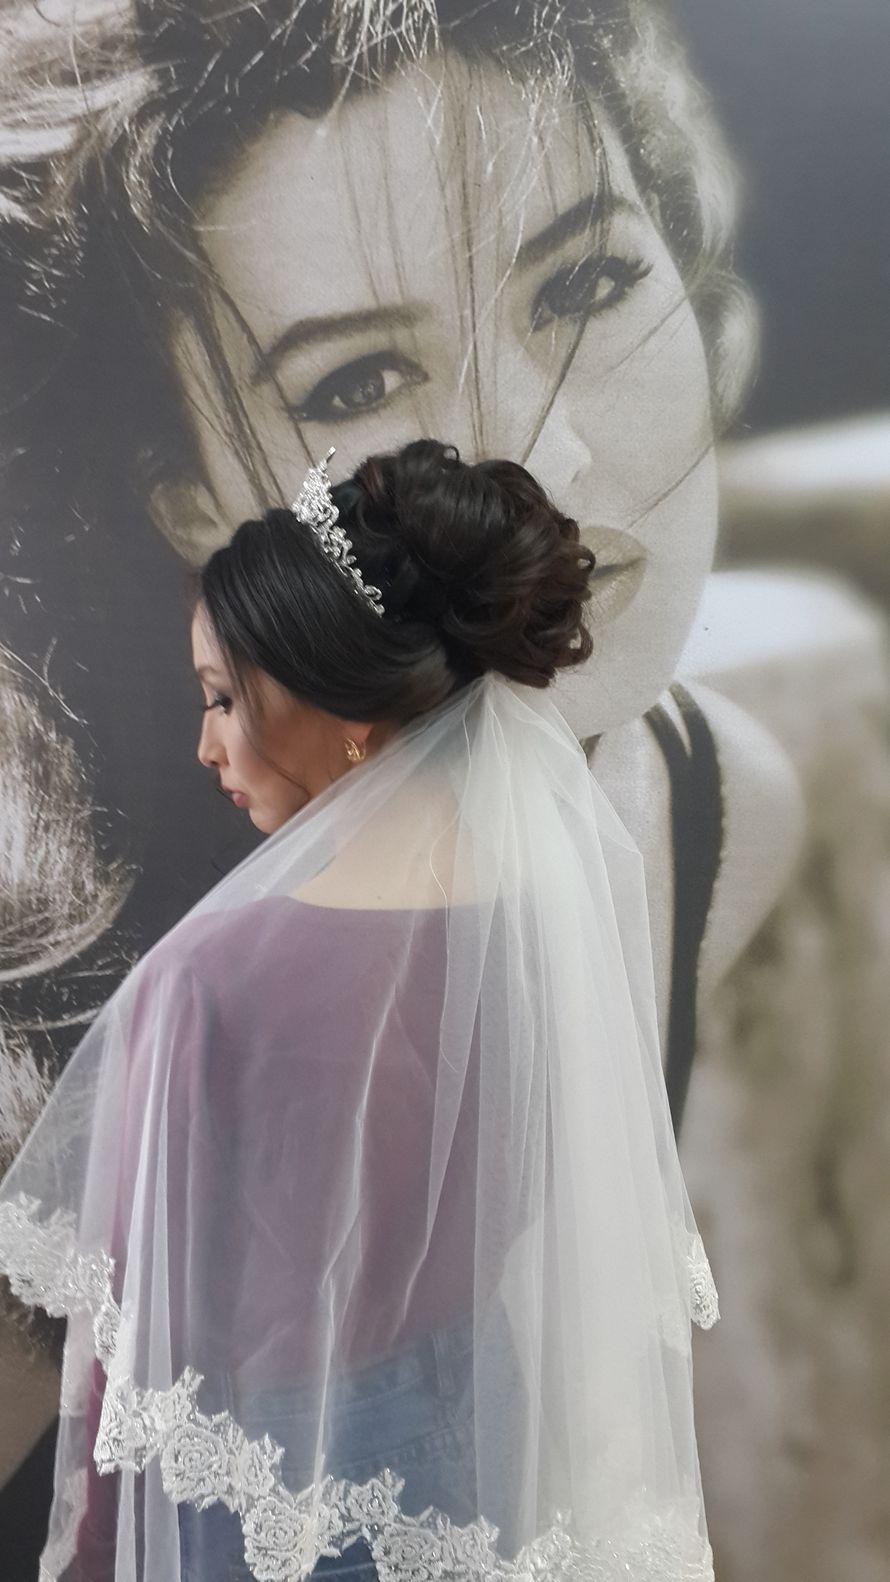 Фото 16457306 в коллекции Невесты - Таисия Середина - стилист